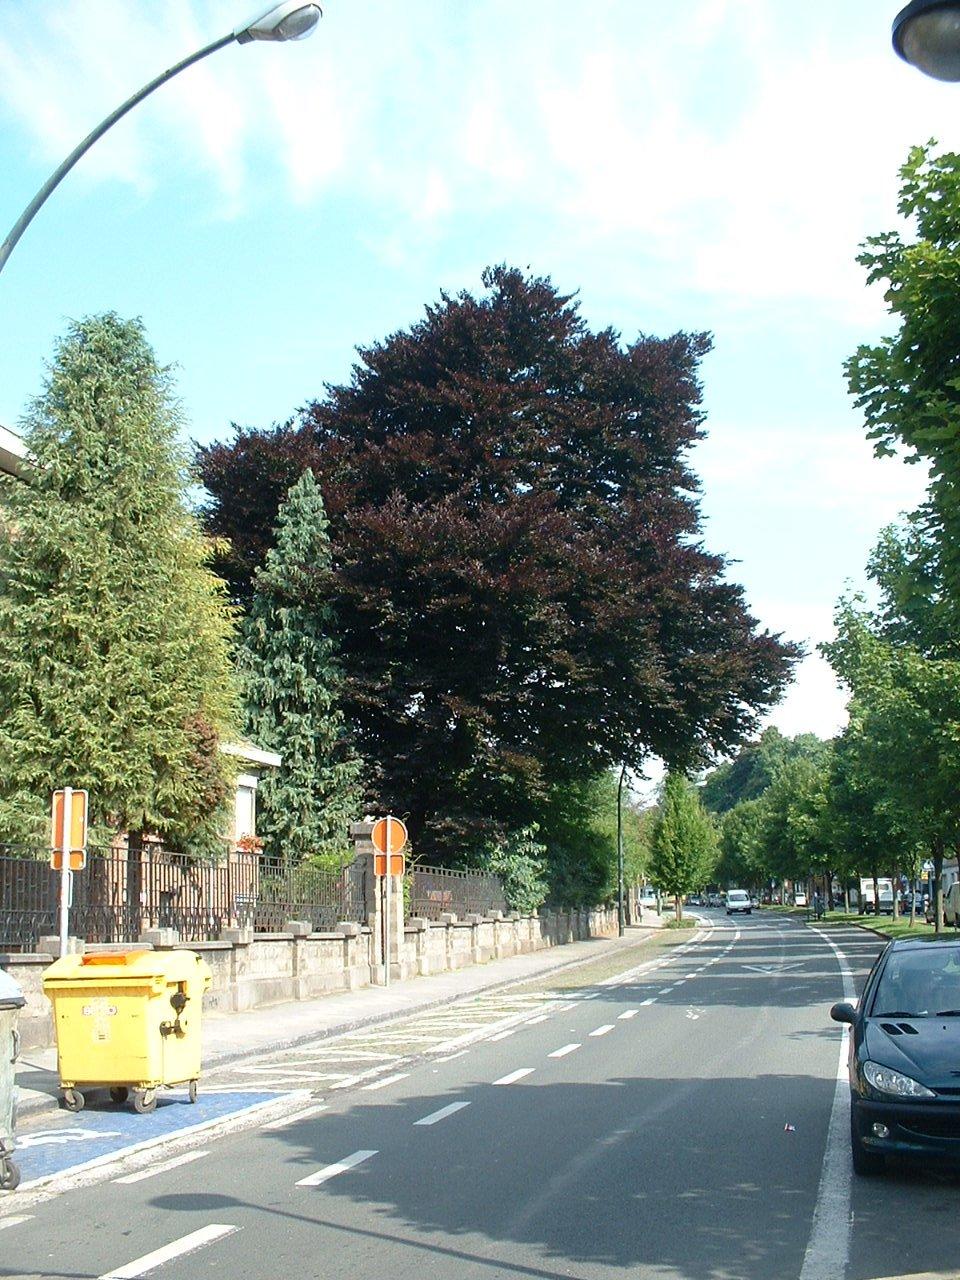 Hêtre pourpre – Jette, Parc Roi Baudouin phase 1, Avenue du Sacré-Coeur, 4 –  15 Juillet 2005